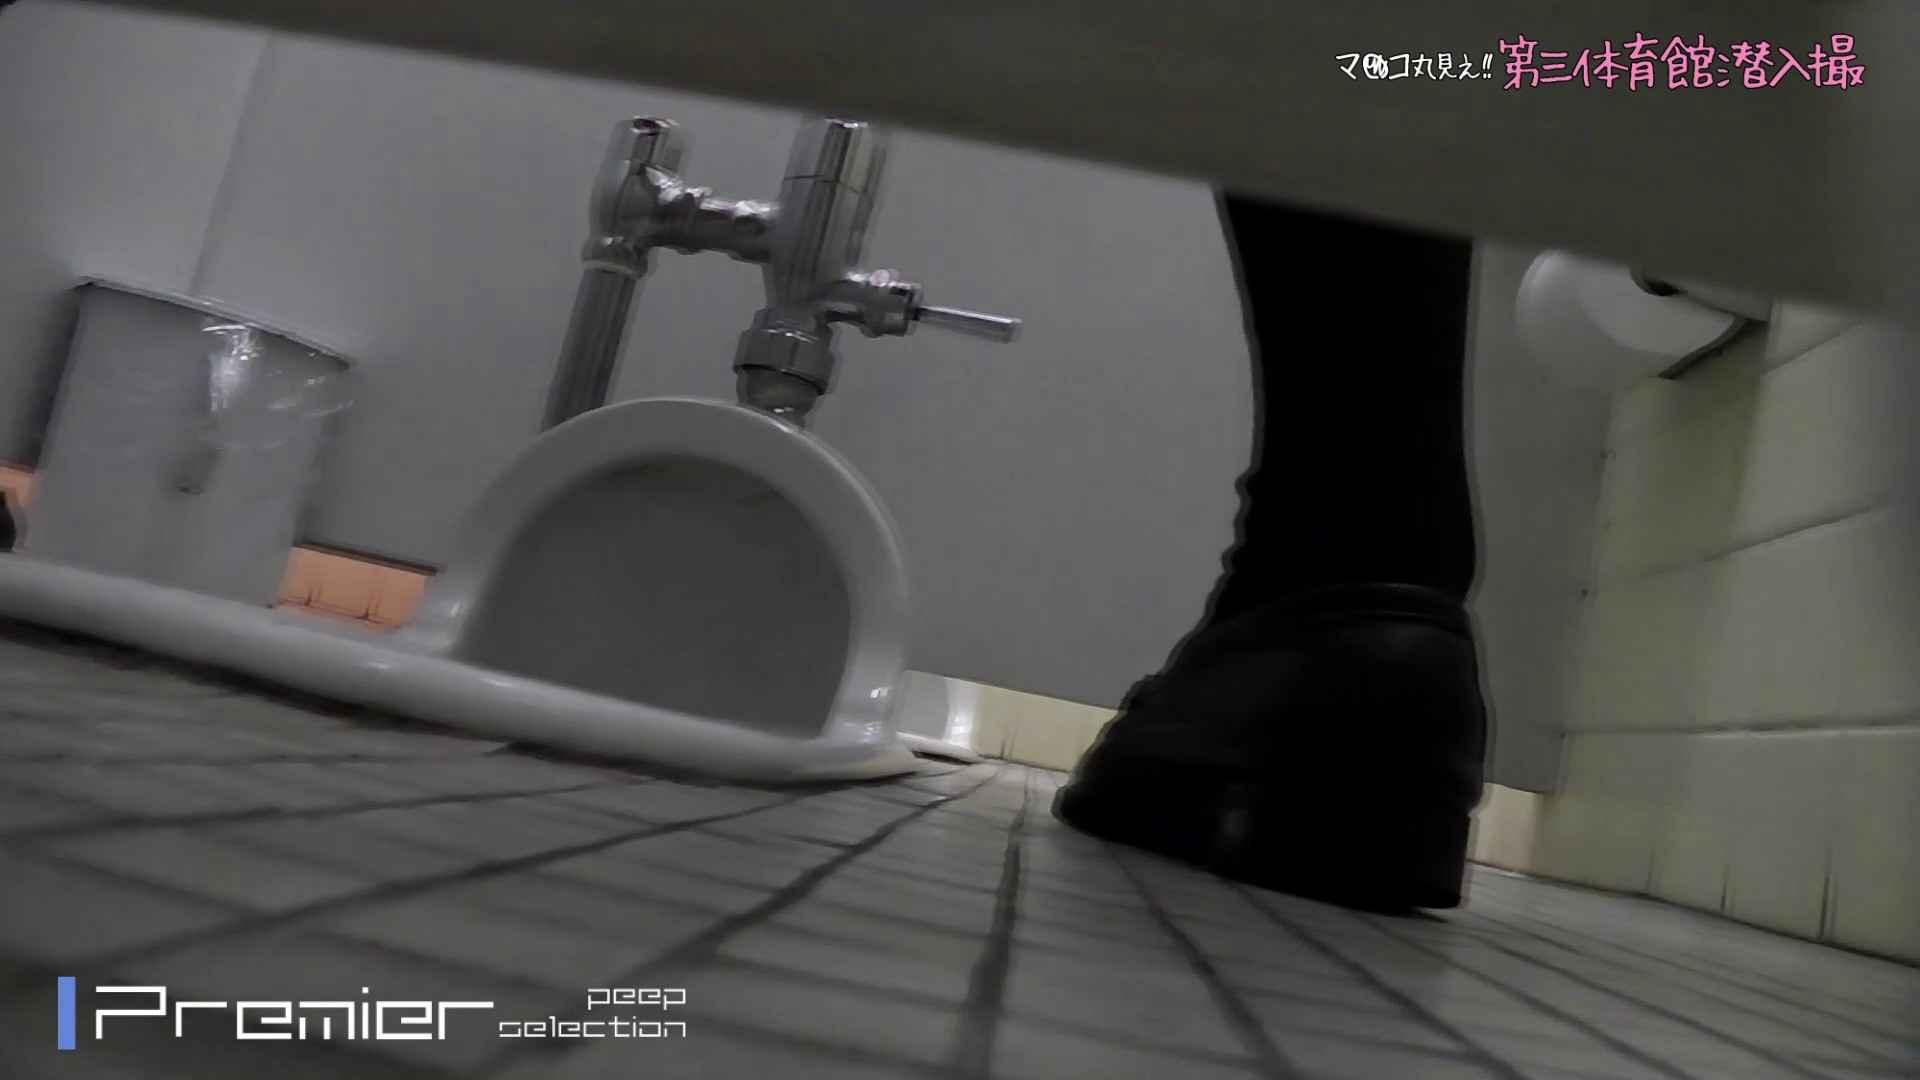 第三体育館File050 これから汚されていくでしょう、純粋な人たち・・・ トイレ盗撮 AV動画キャプチャ 63pic 16